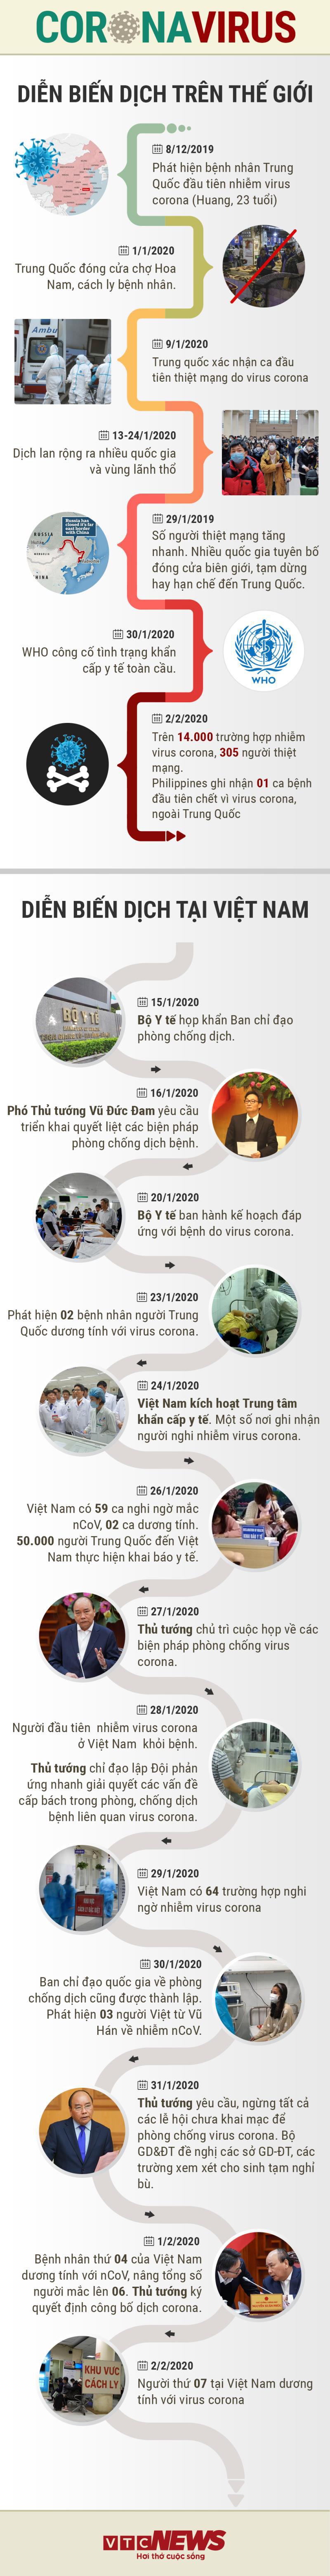 Infographic: Hơn hai tuần hành động quyết liệt chống dịch virus corona của Việt Nam - Ảnh 1.